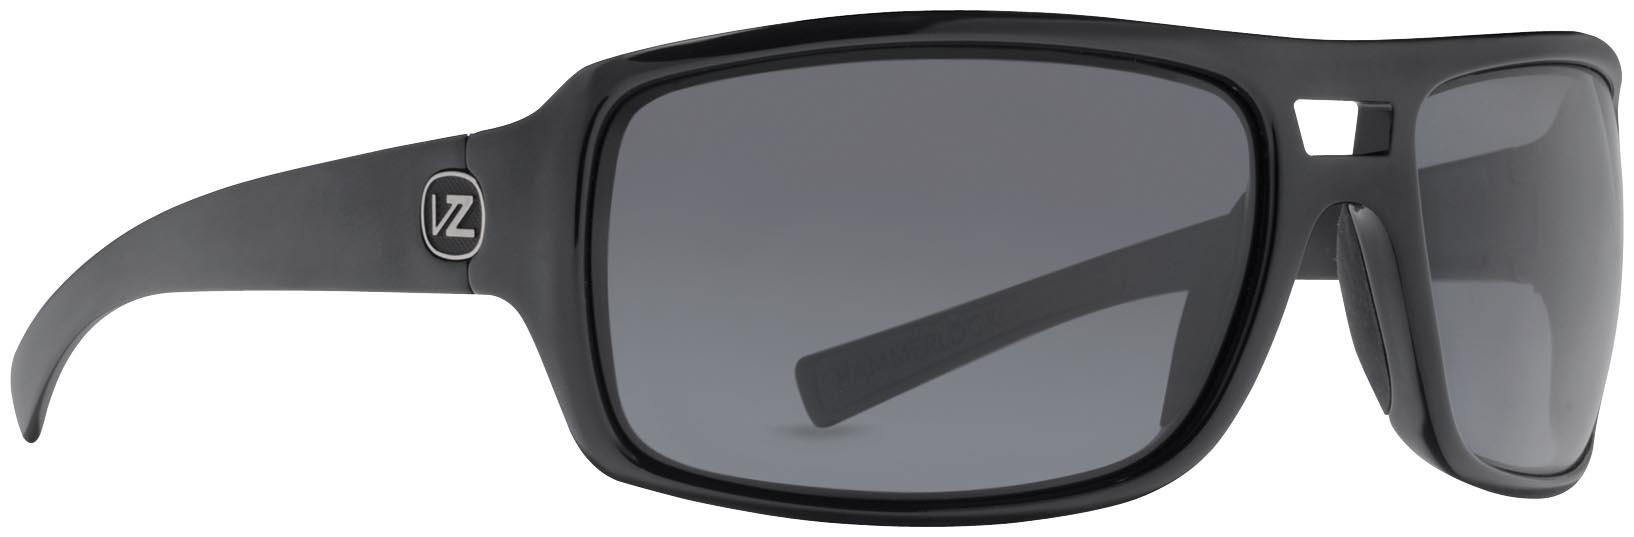 Hammerlock Sunglasses